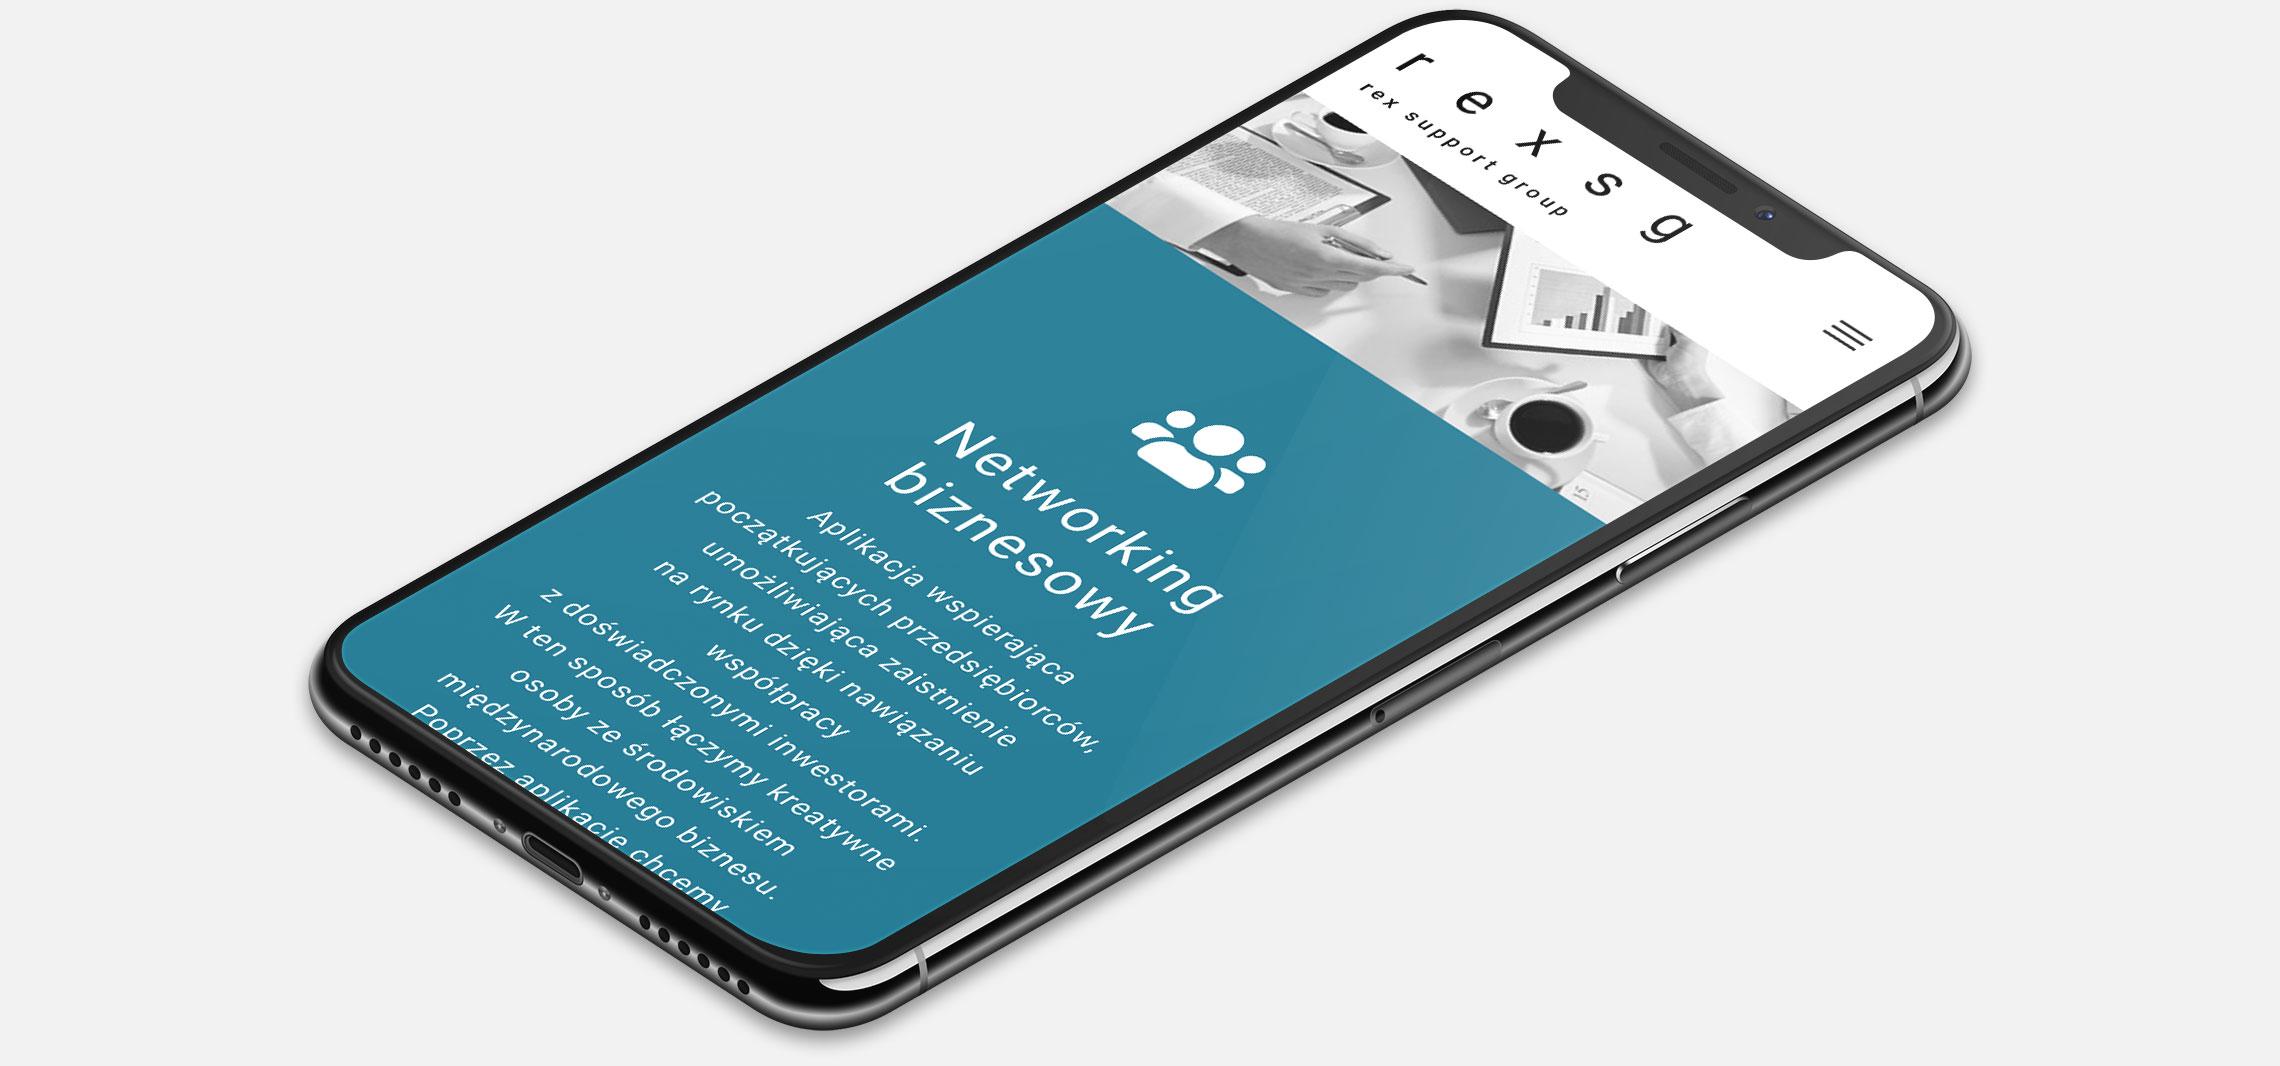 Strona internetowa Rex SG wwersji naurządzenia mobilne (smartfon)